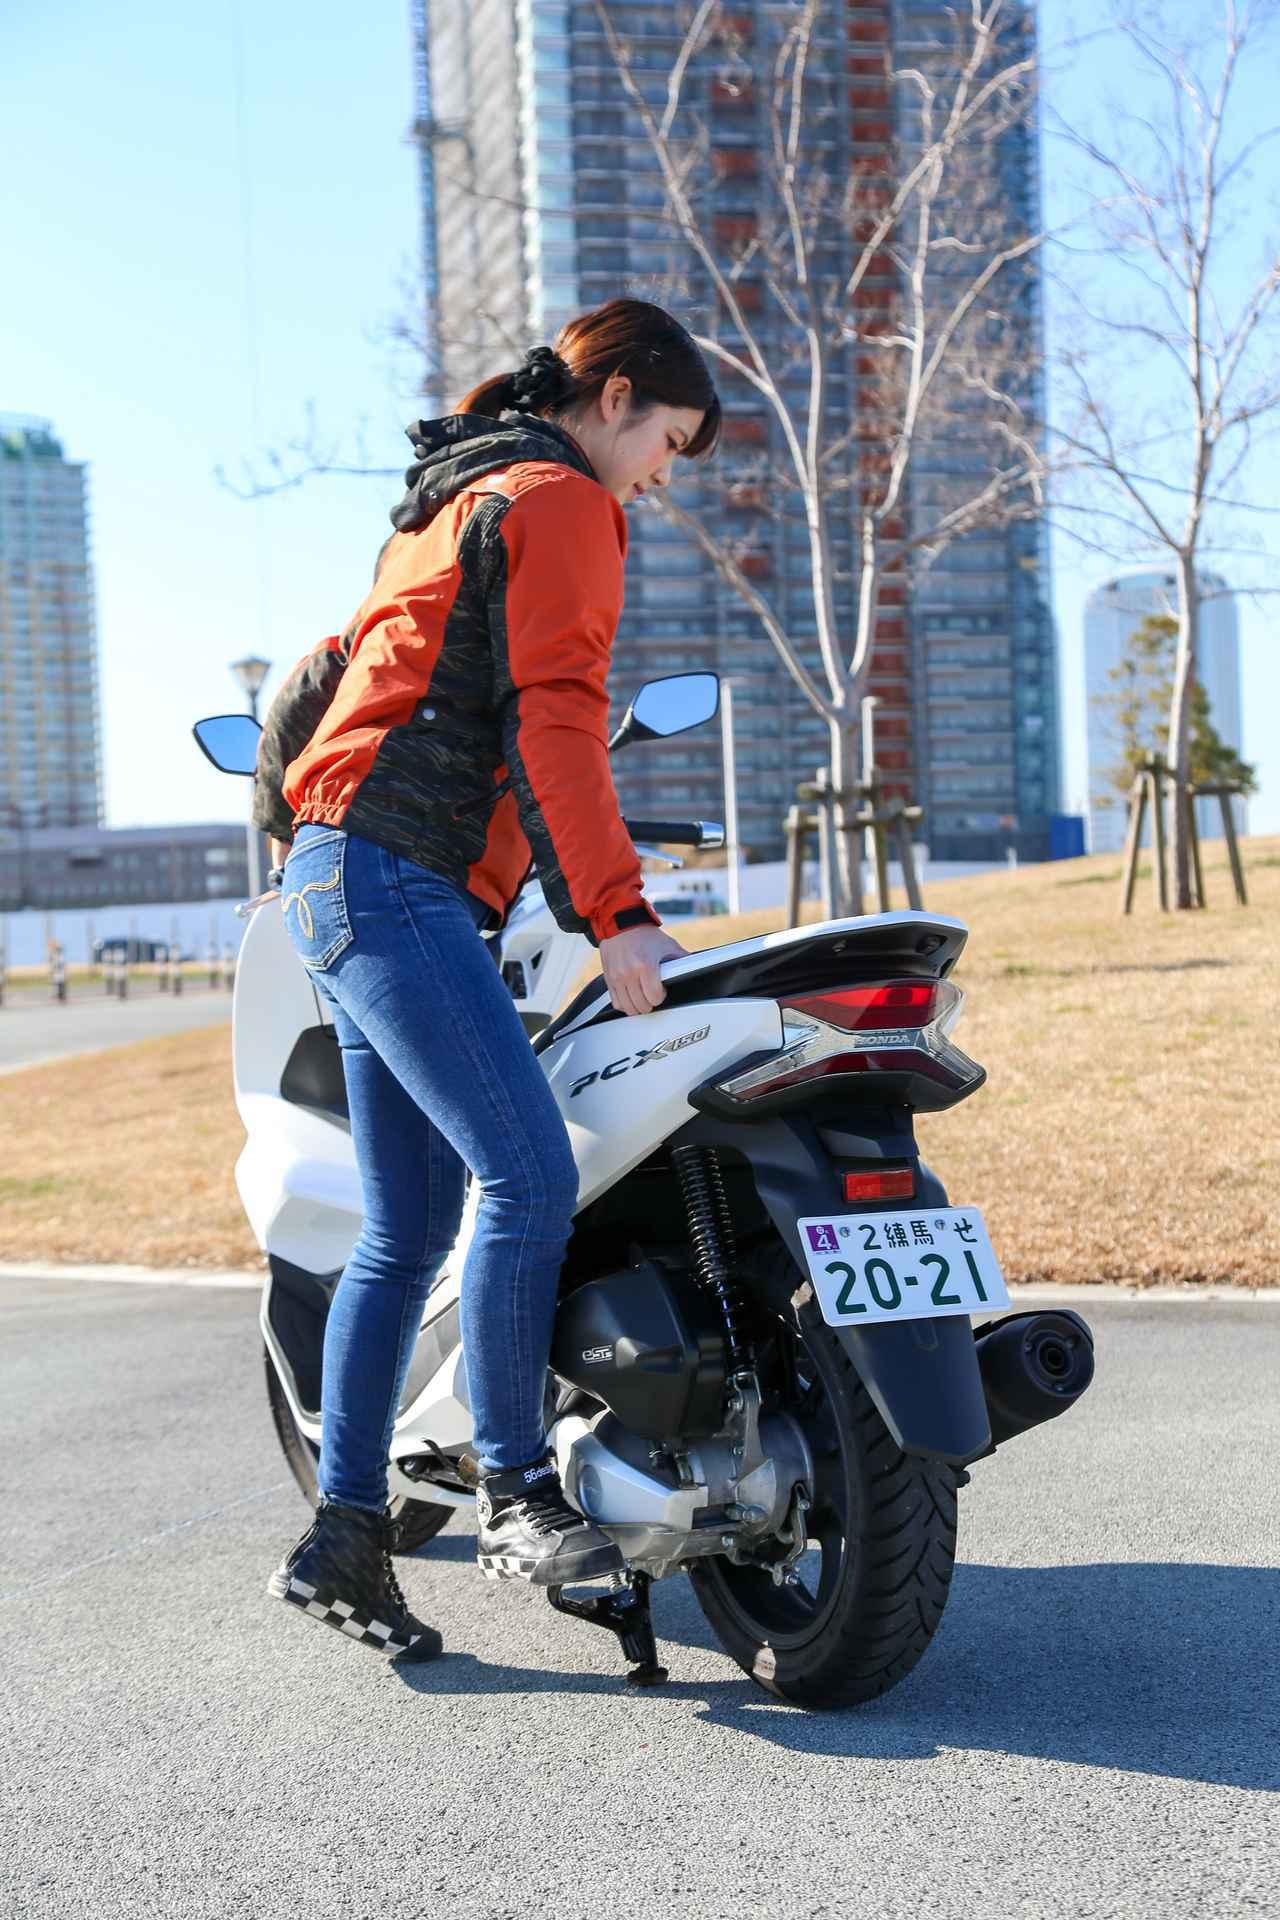 画像5: 梅本まどか × ホンダ「PCX150」 足つき性もチェック!【オートバイ女子部のフォトアルバム】